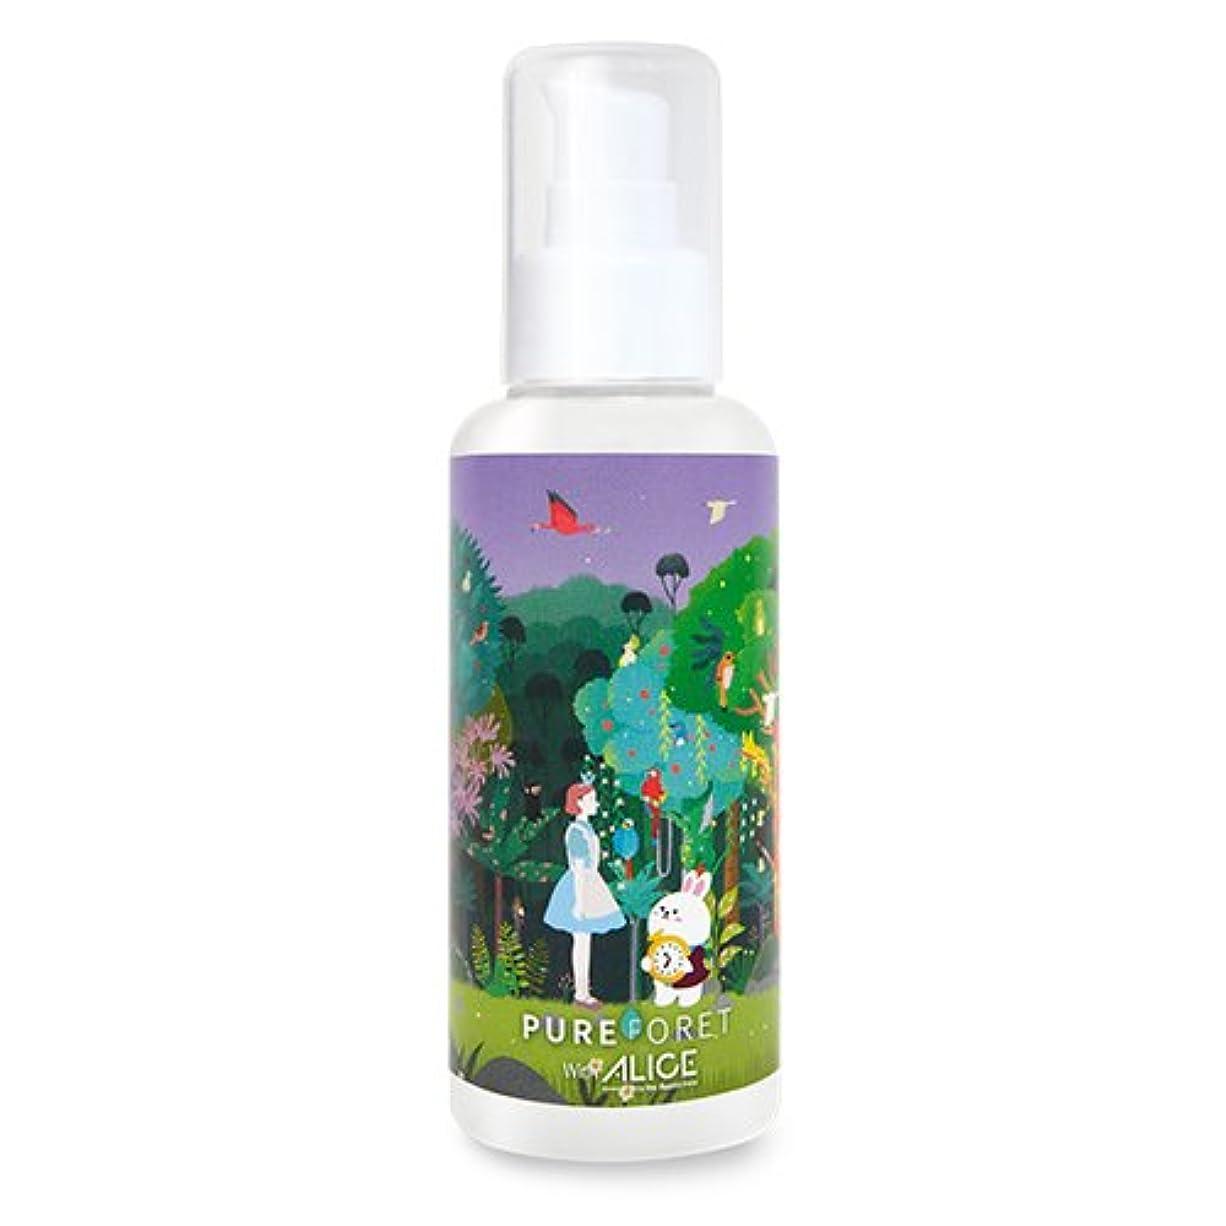 のれんしっかりチャーター韓国産 Pureforet x Alice スキンリペアラビット ハイドレーティング 乳液. (150ml)